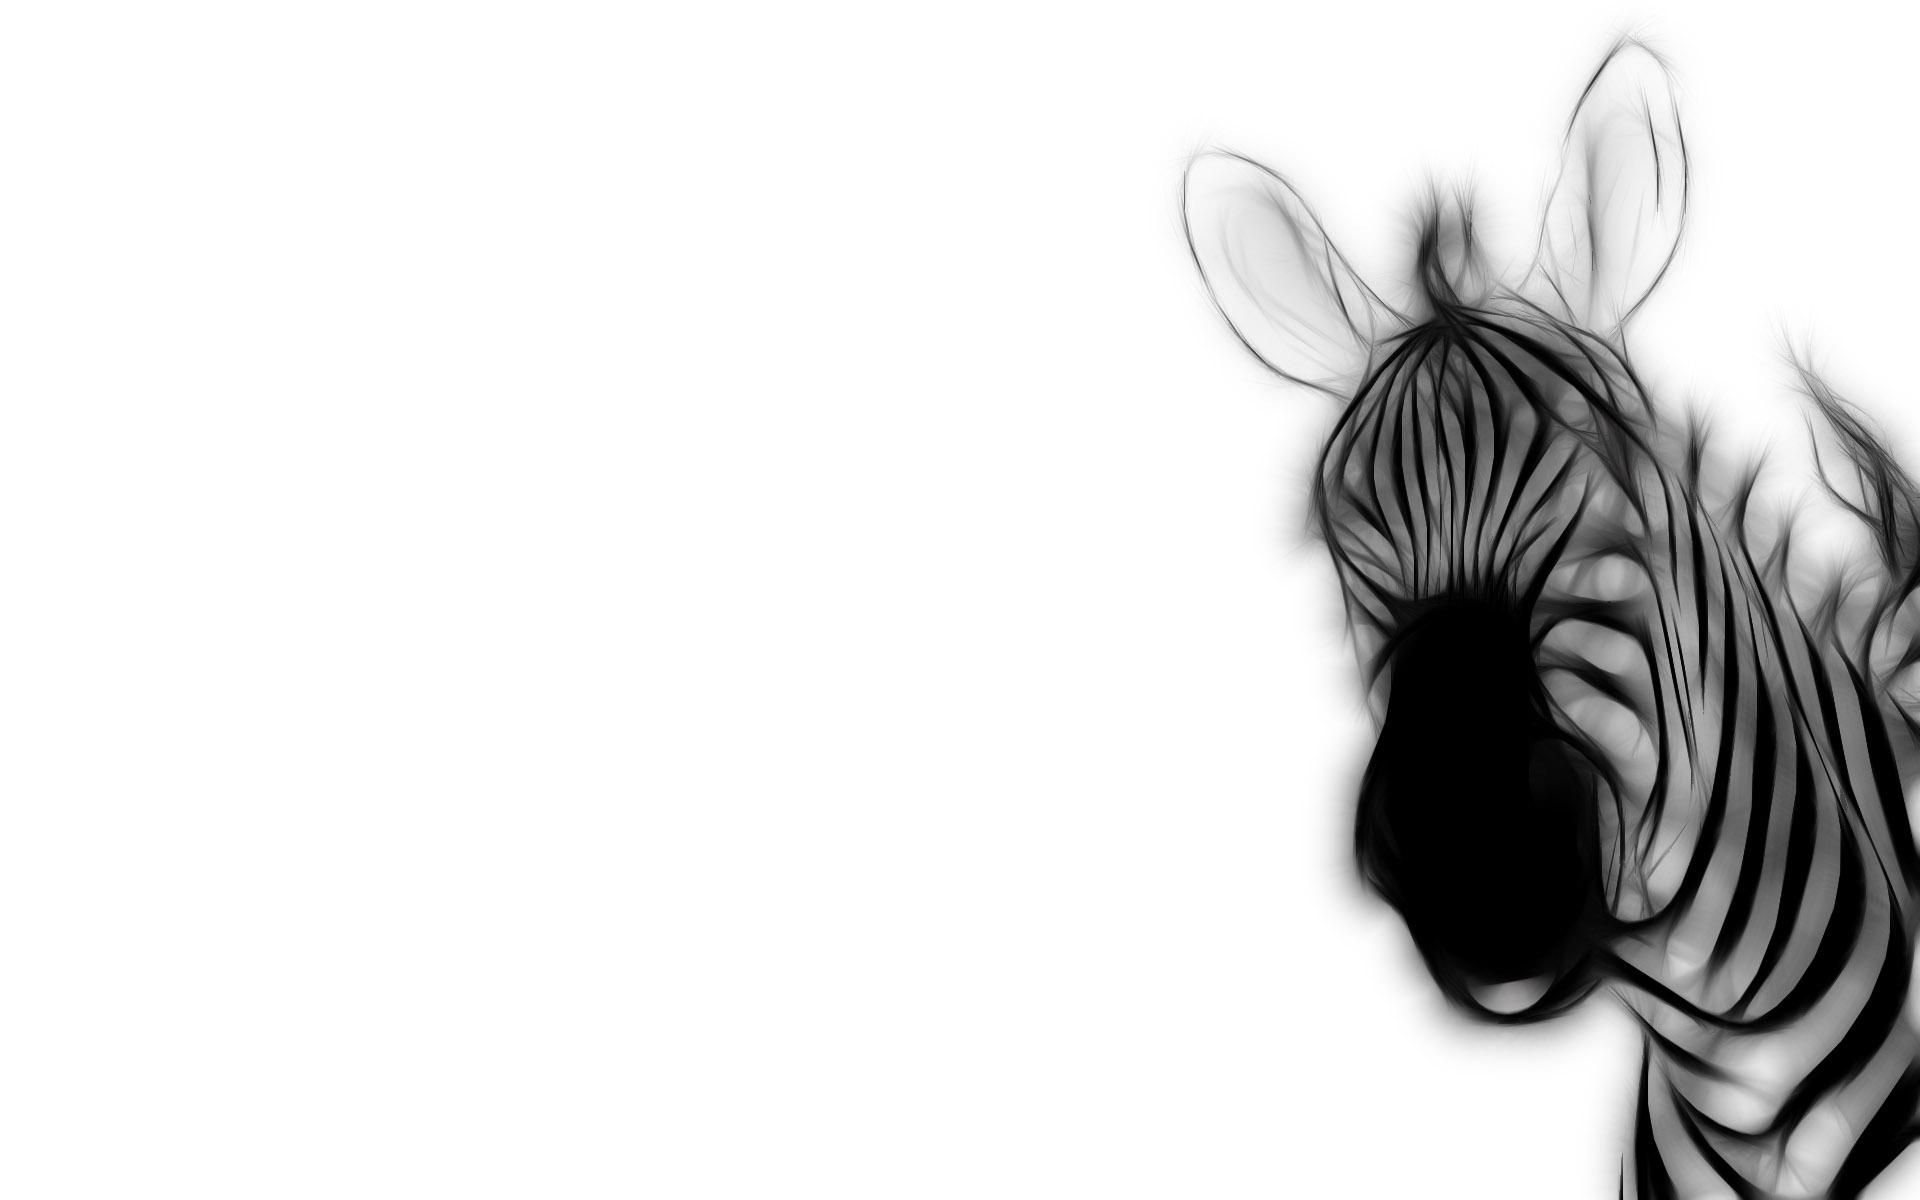 Sfondi : disegno cartone animato orecchie mano zebra schizzo